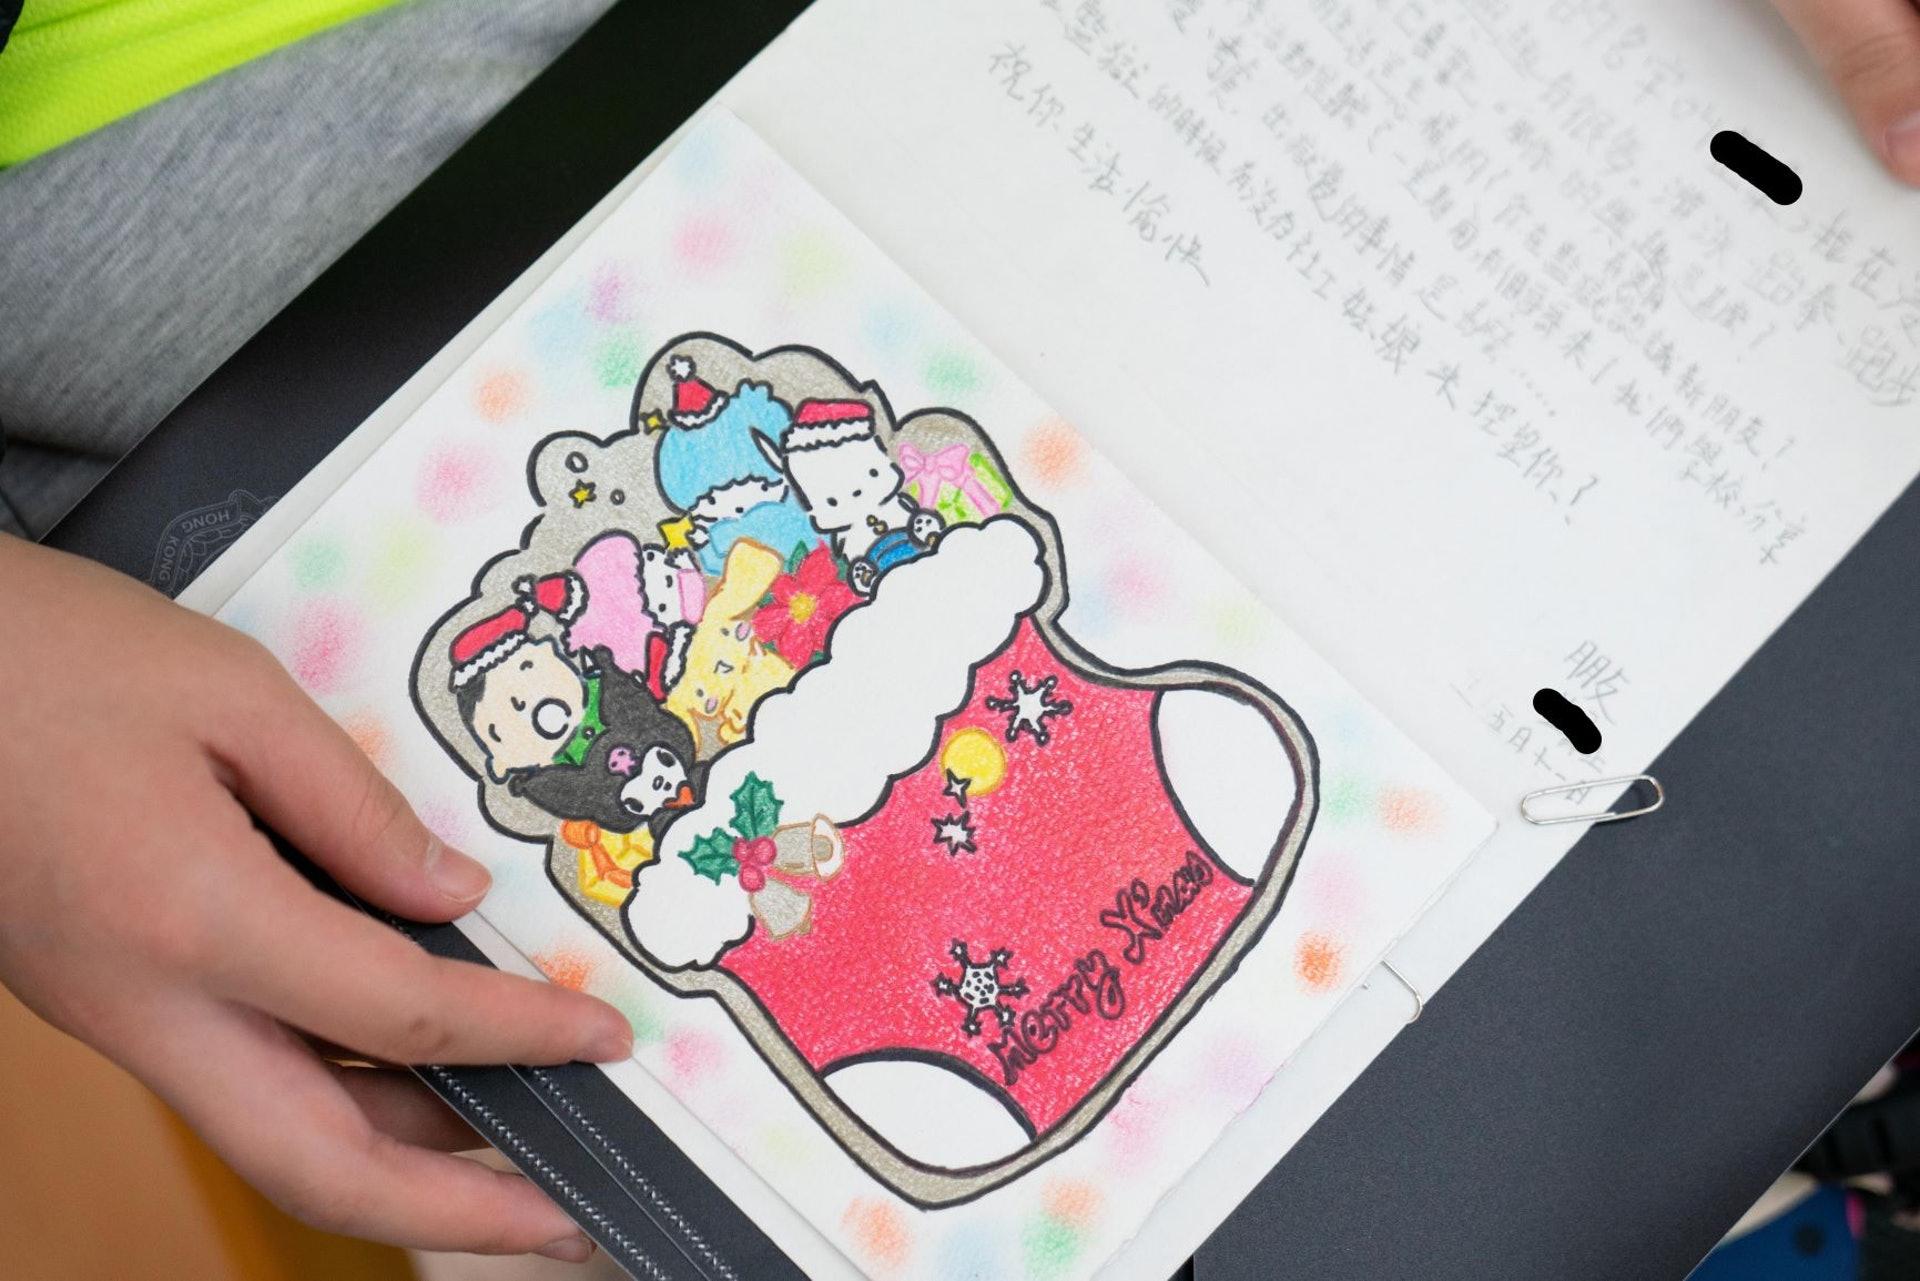 囚友給羅同學的回信上畫上五色繽紛的圖畫。(吳鍾坤攝)